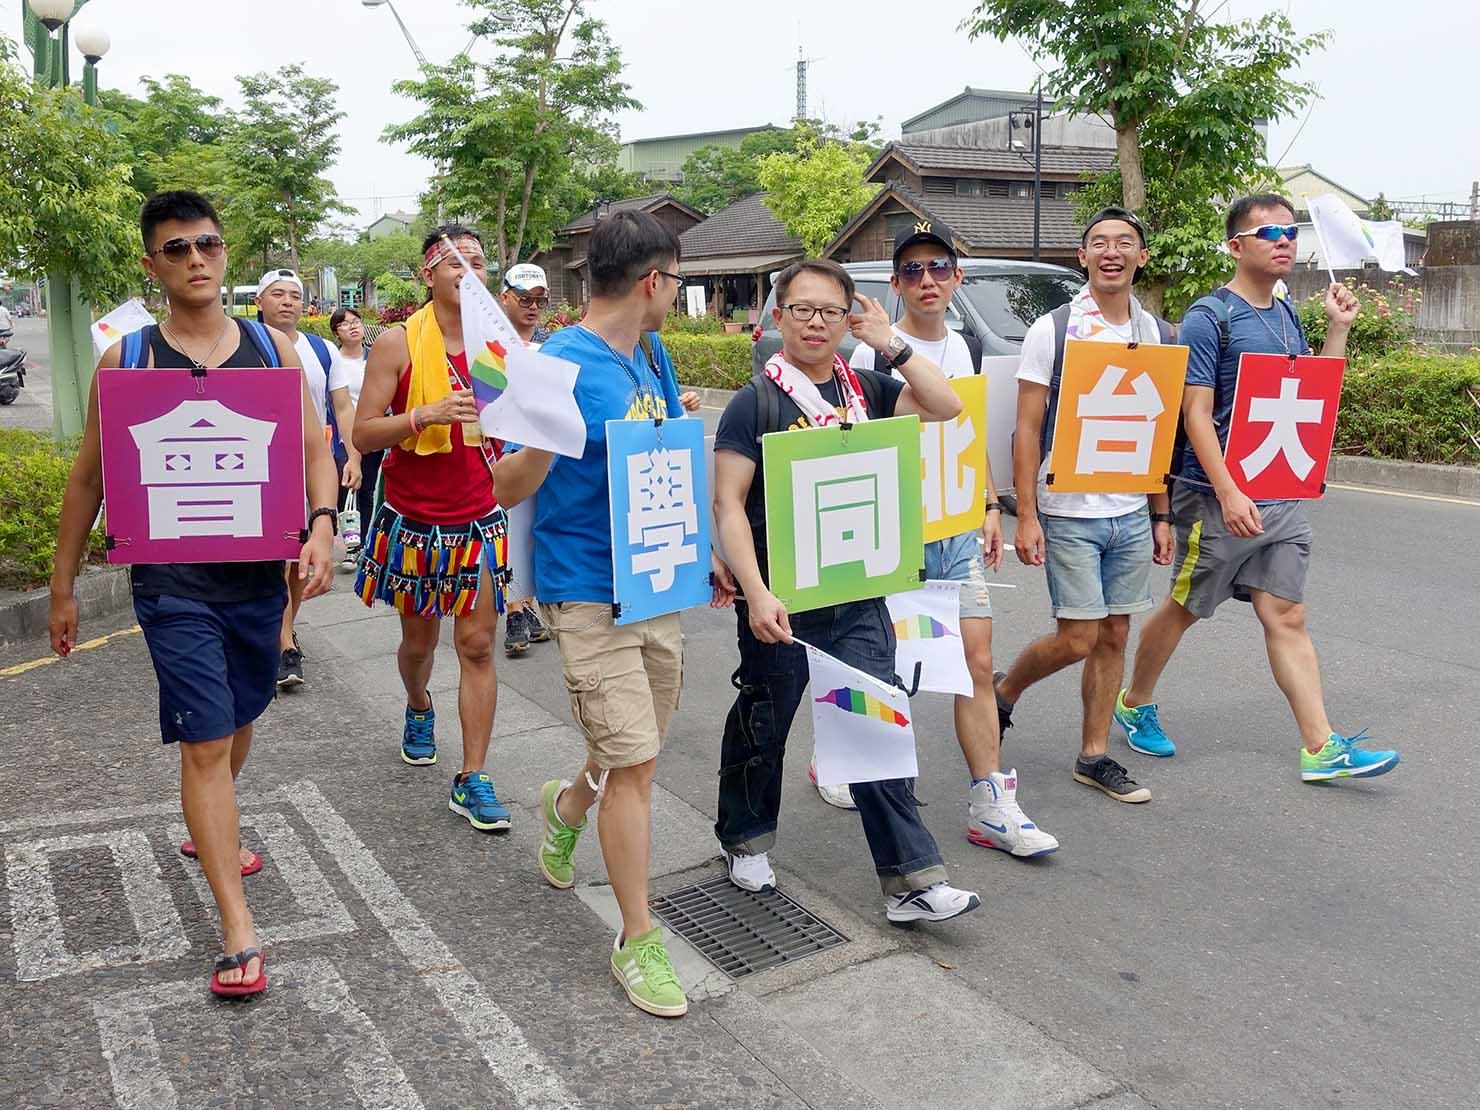 2018年台湾のLGBTプライド「宜蘭驕傲大遊行(宜蘭プライド)」のパレードに参加するグループ